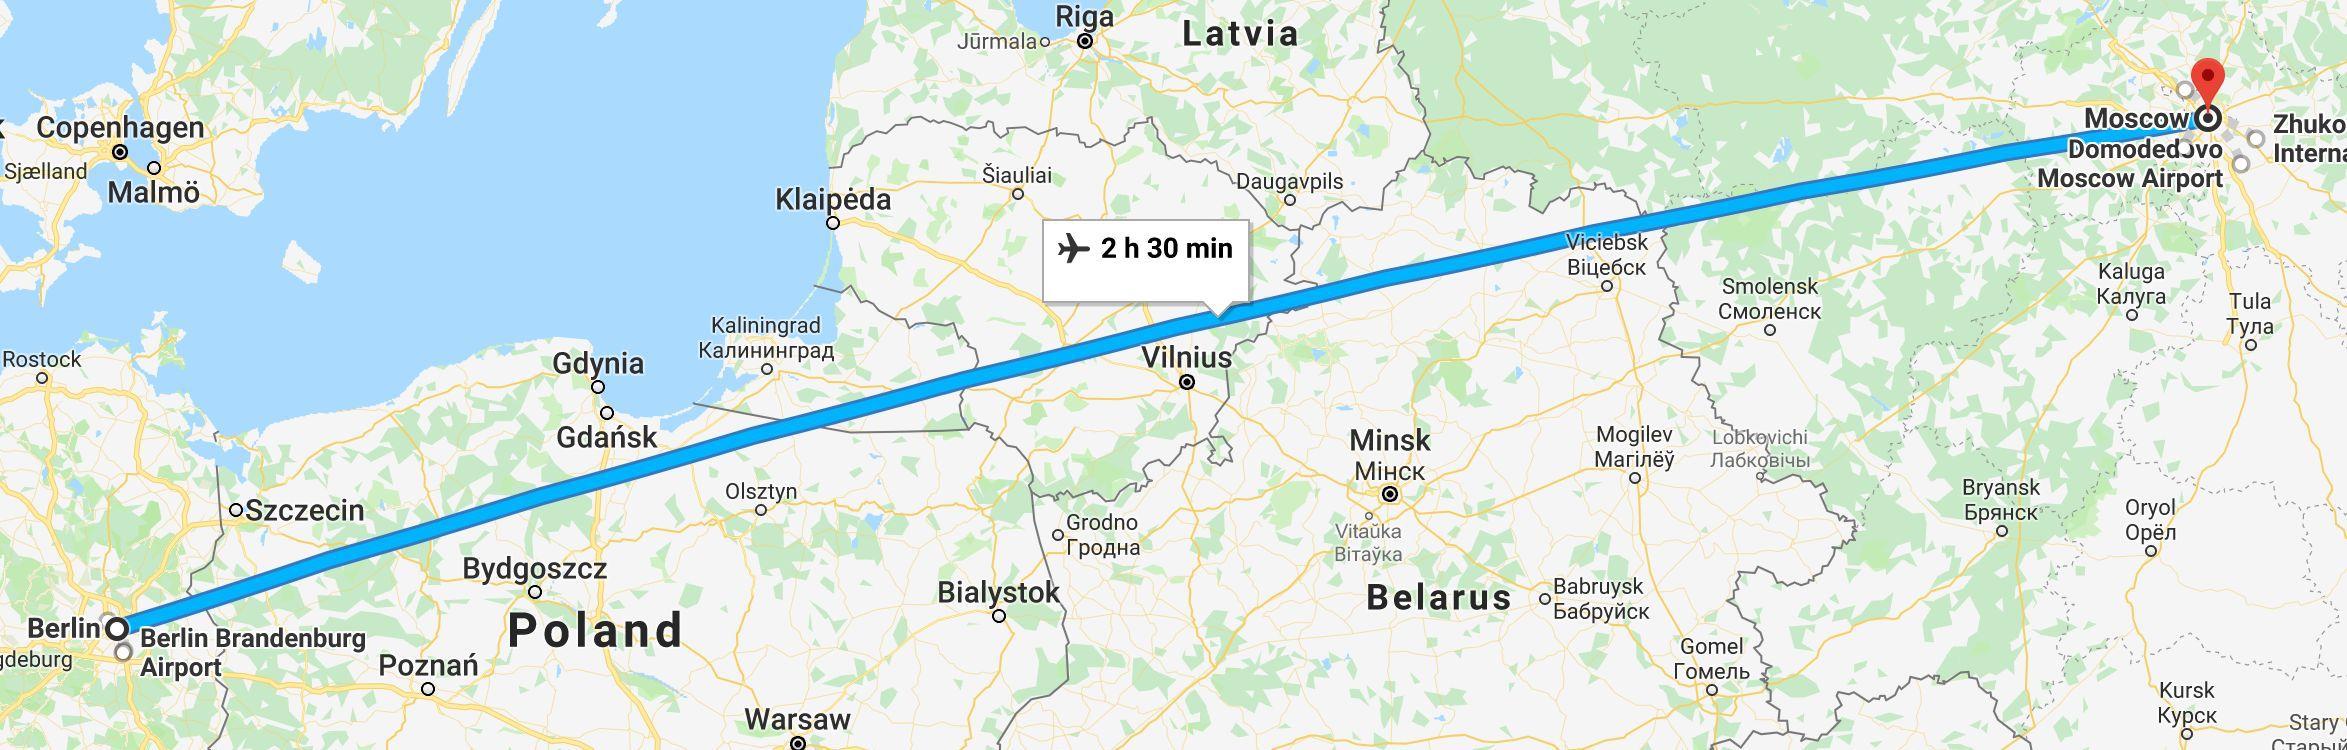 Einladung ukrainer nach deutschland muster